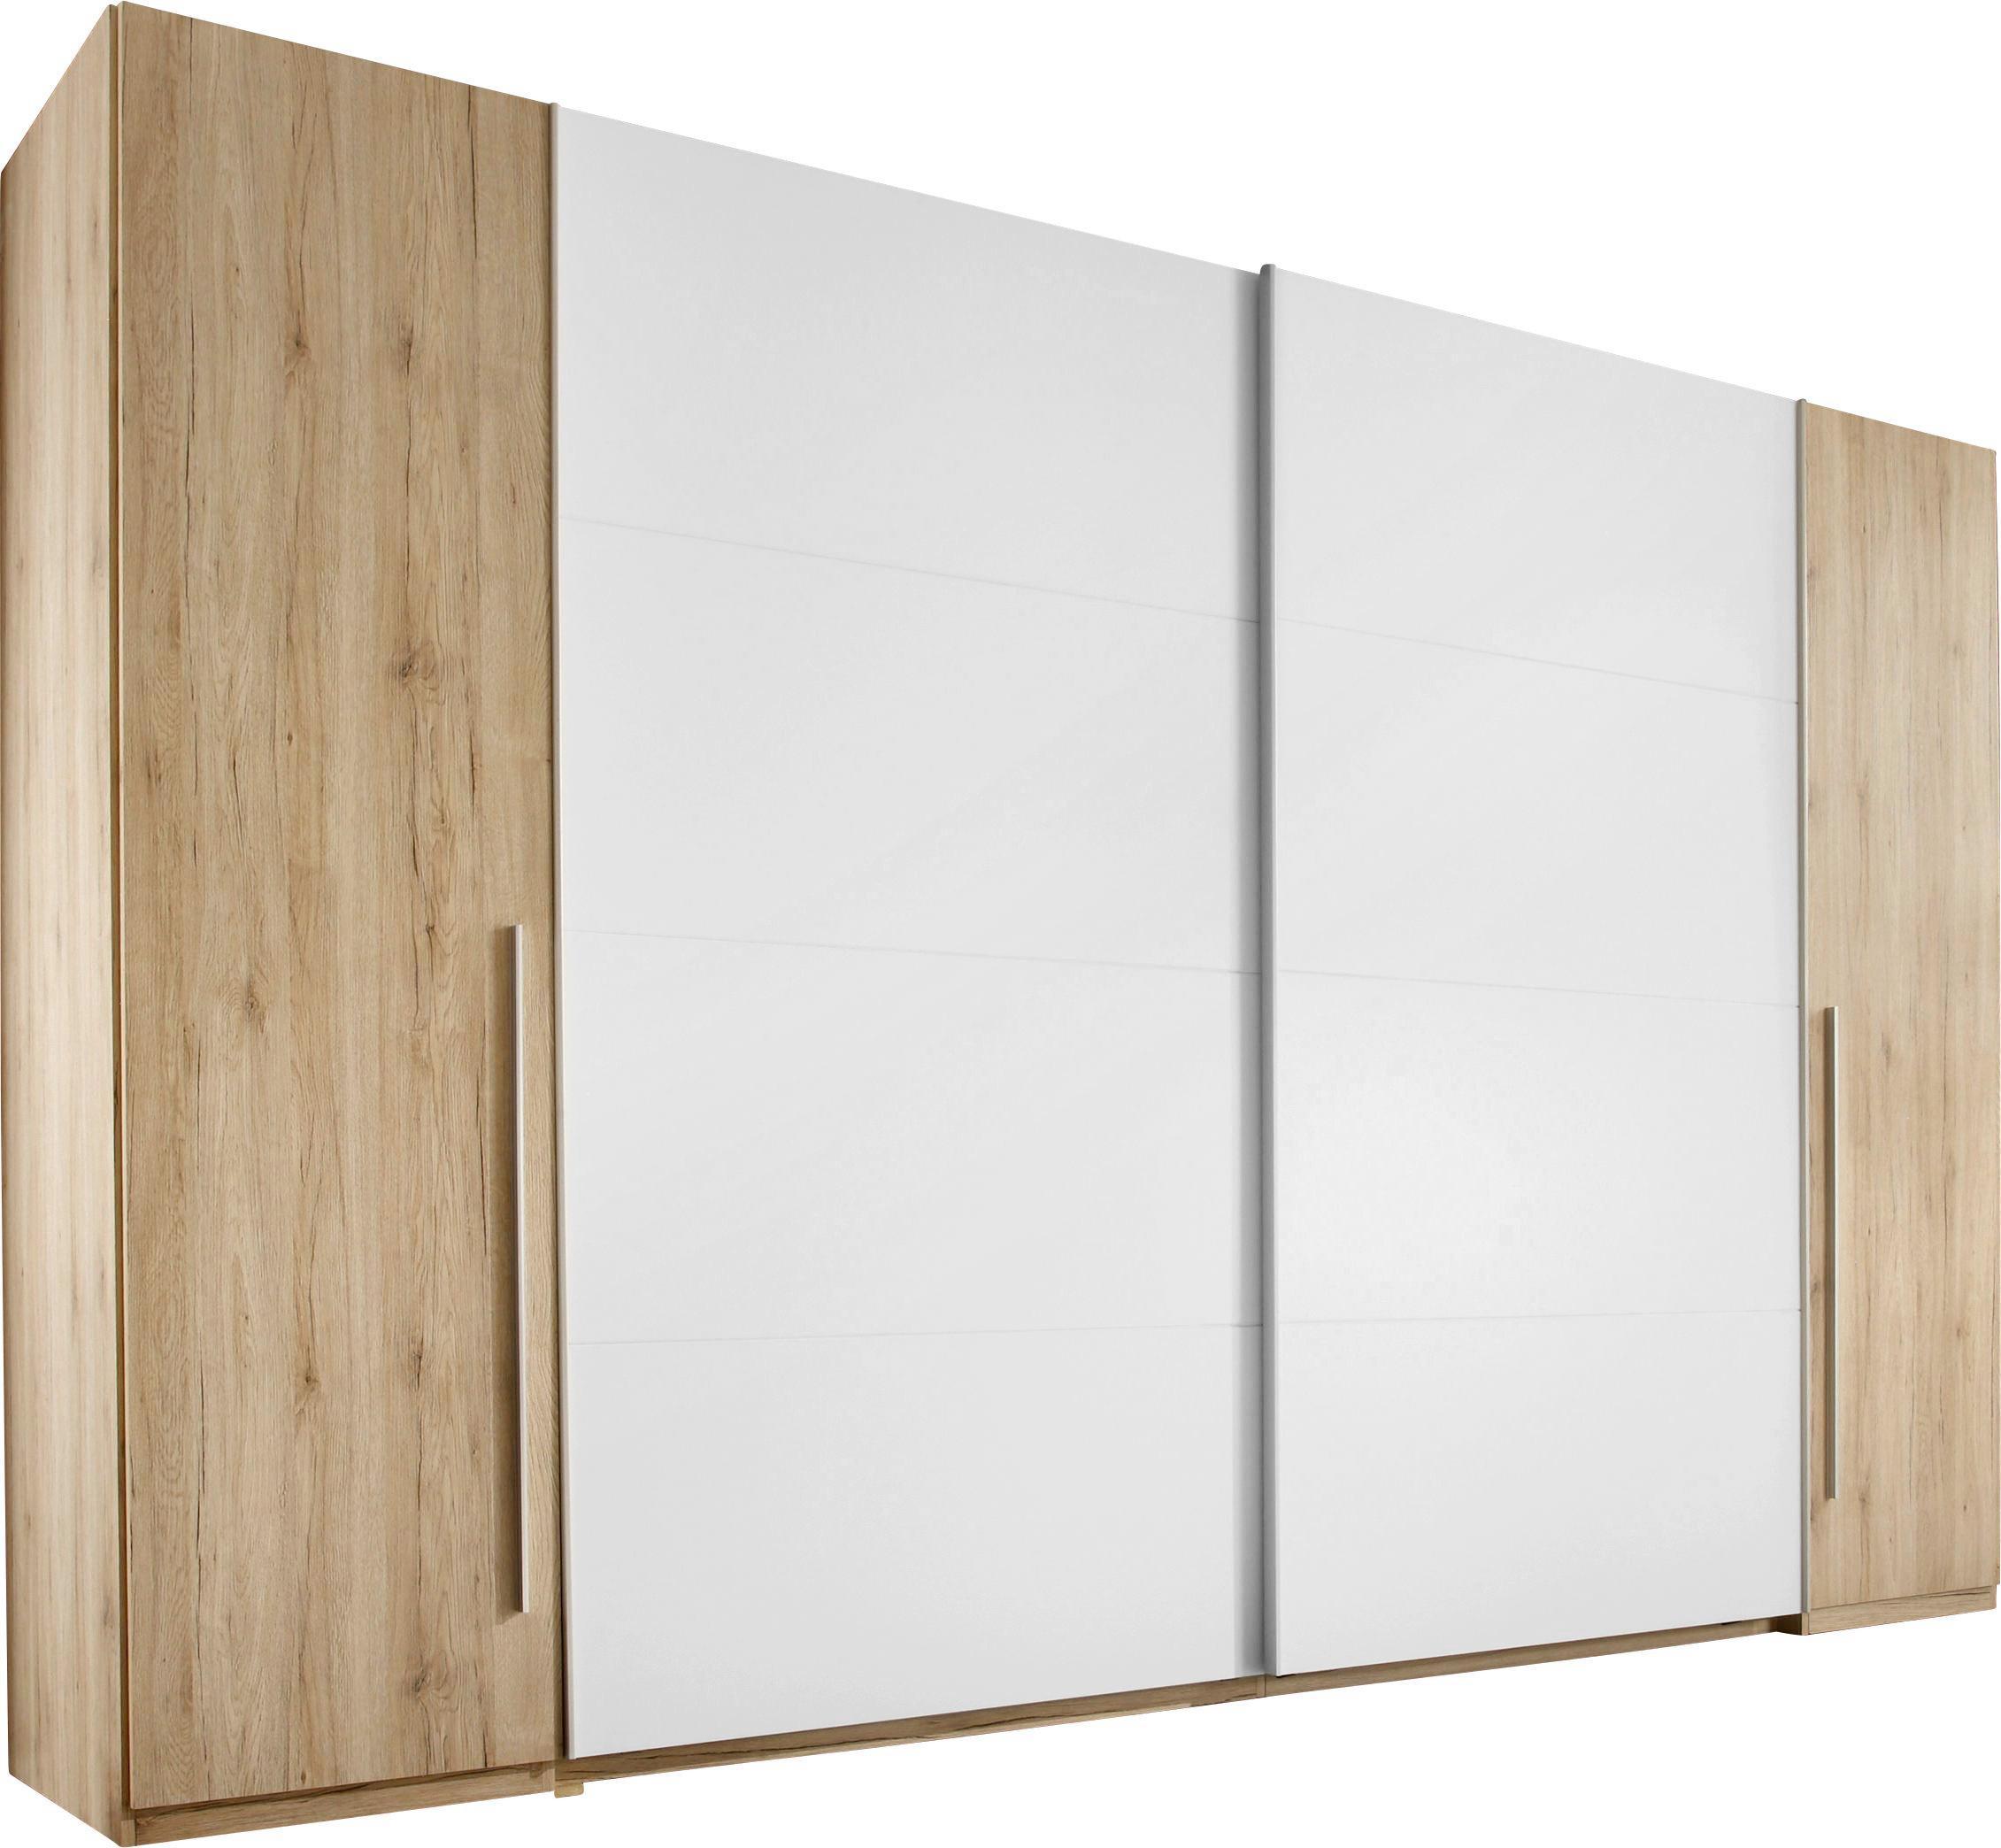 Schiebetürenschrank in Weiß/San Remo Eiche - Eichefarben/Alufarben, KONVENTIONELL, Holz/Holzwerkstoff (315/225/61cm) - MODERN LIVING